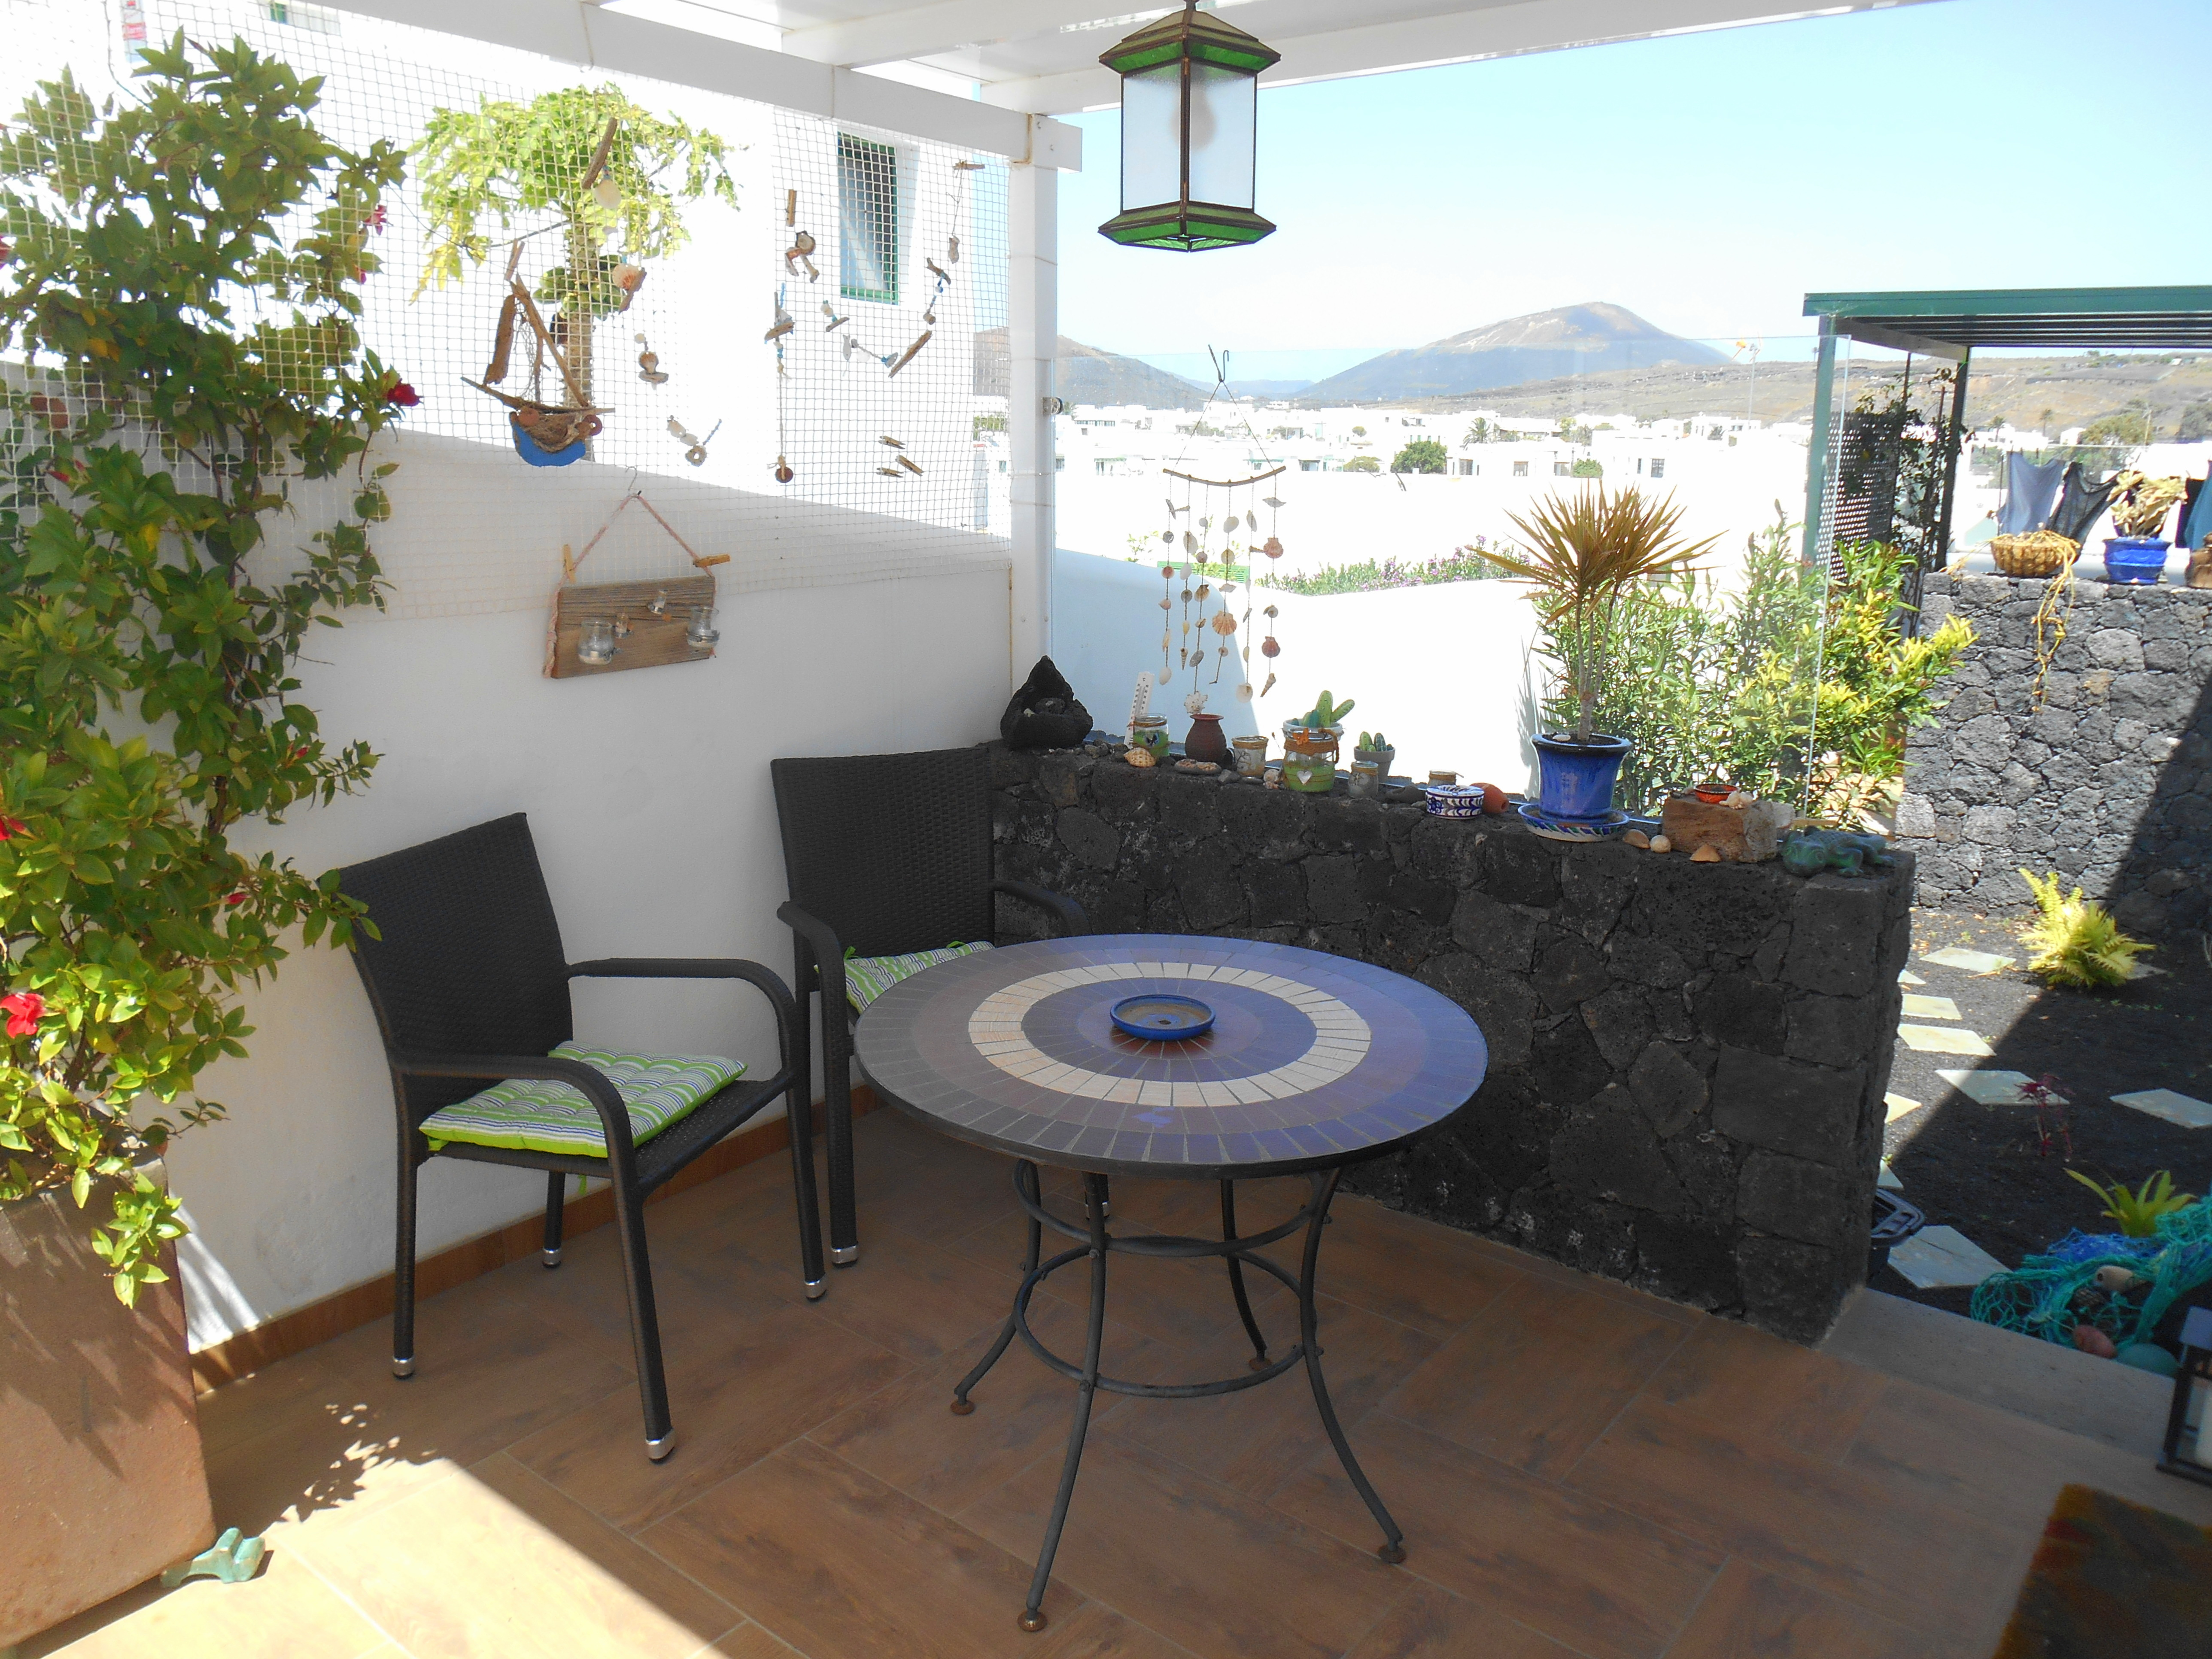 überdachte Terrasse überdachte terrasse golanzarote